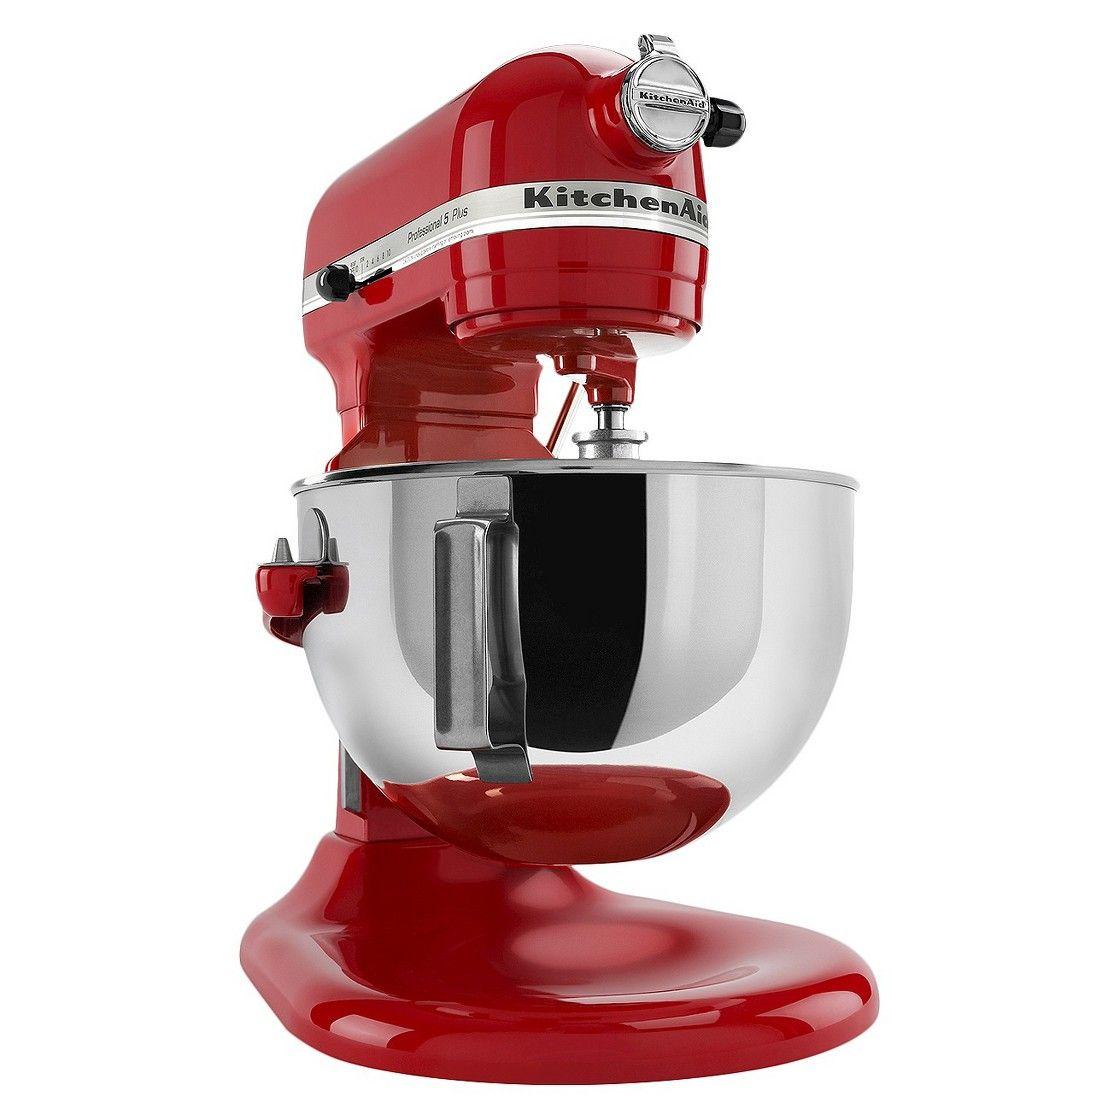 Kitchenaid professional 5qt mixer kv25g0x kitchen aid